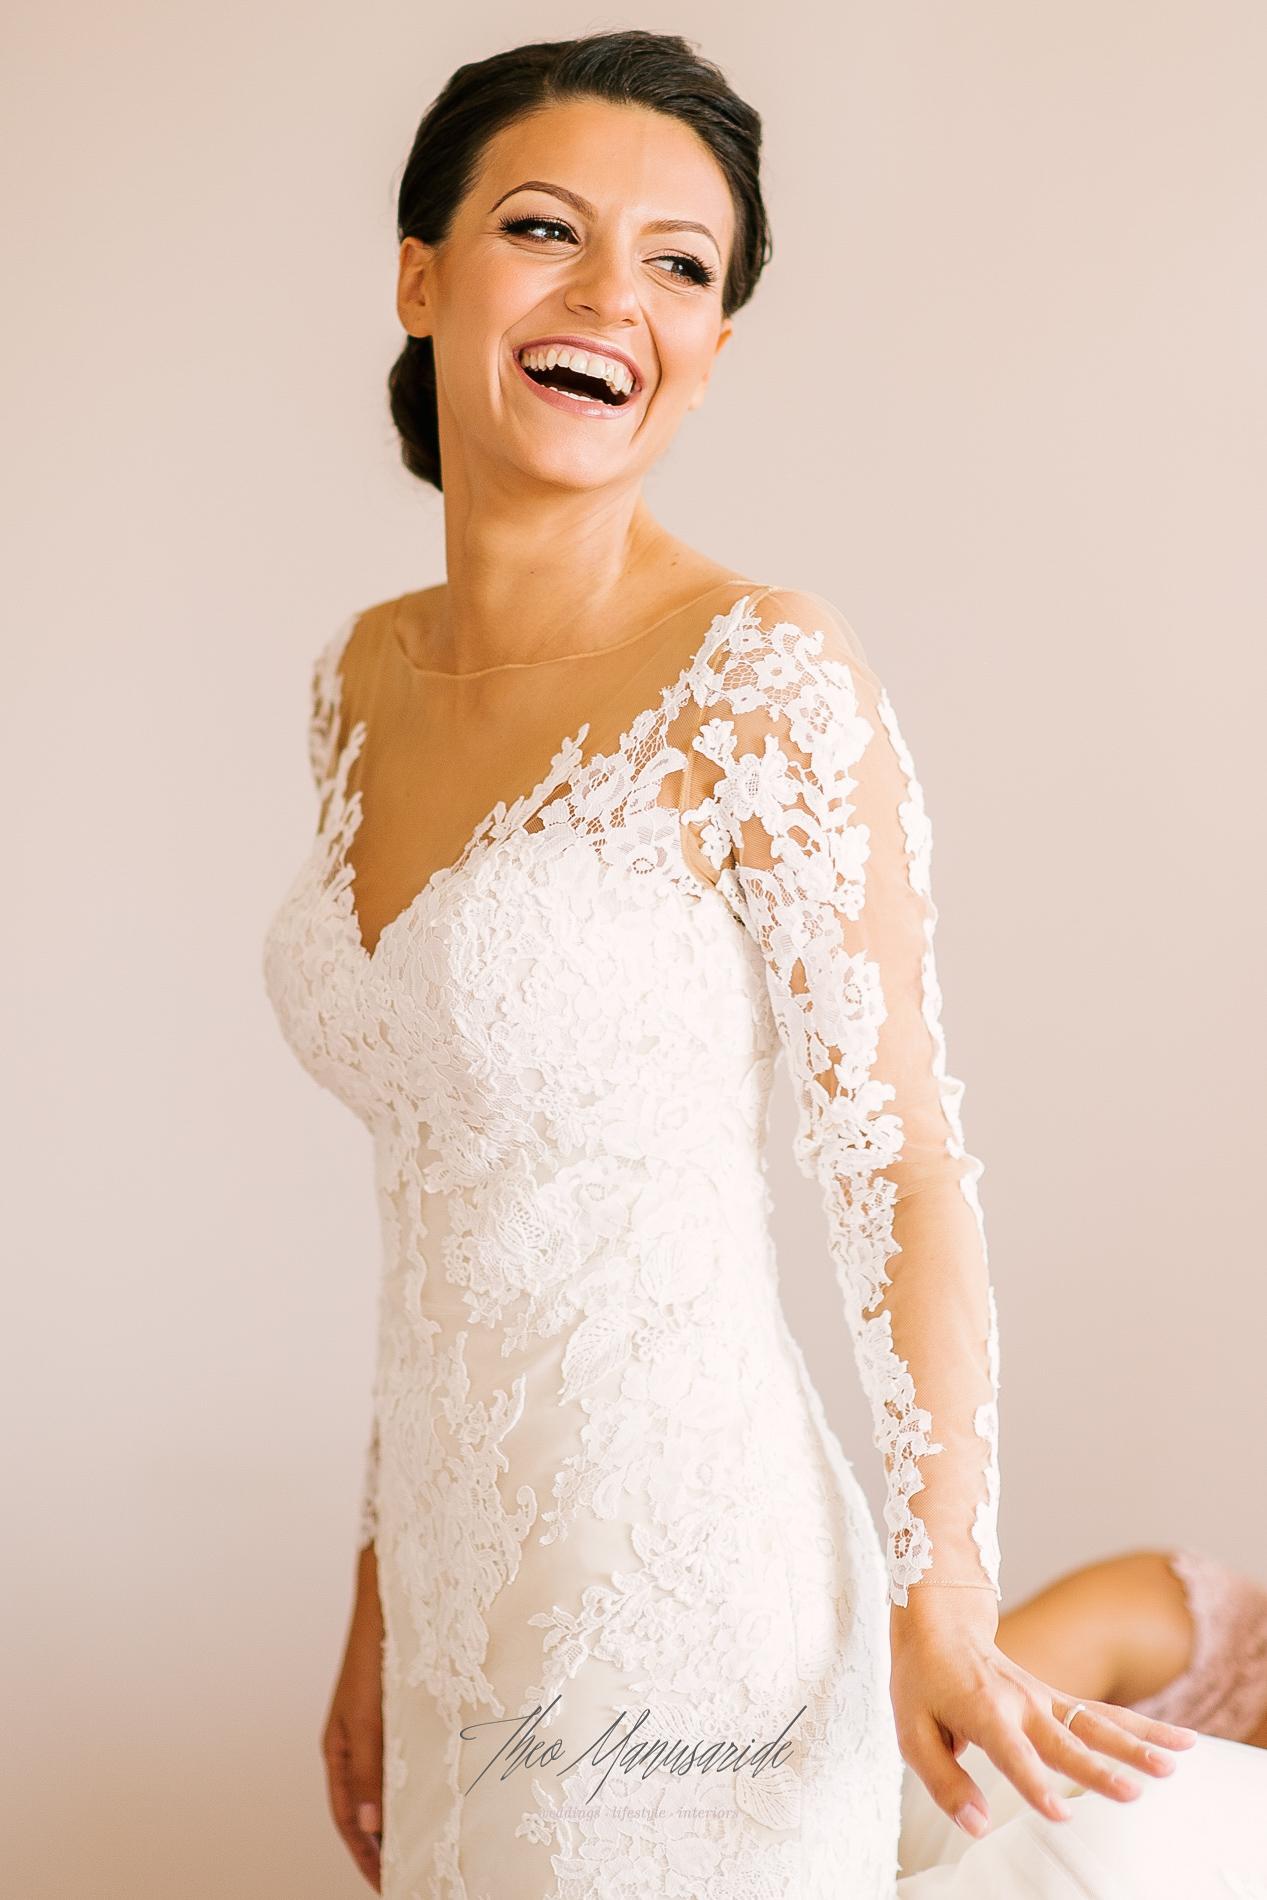 fotograf nunta biavati events-12-2